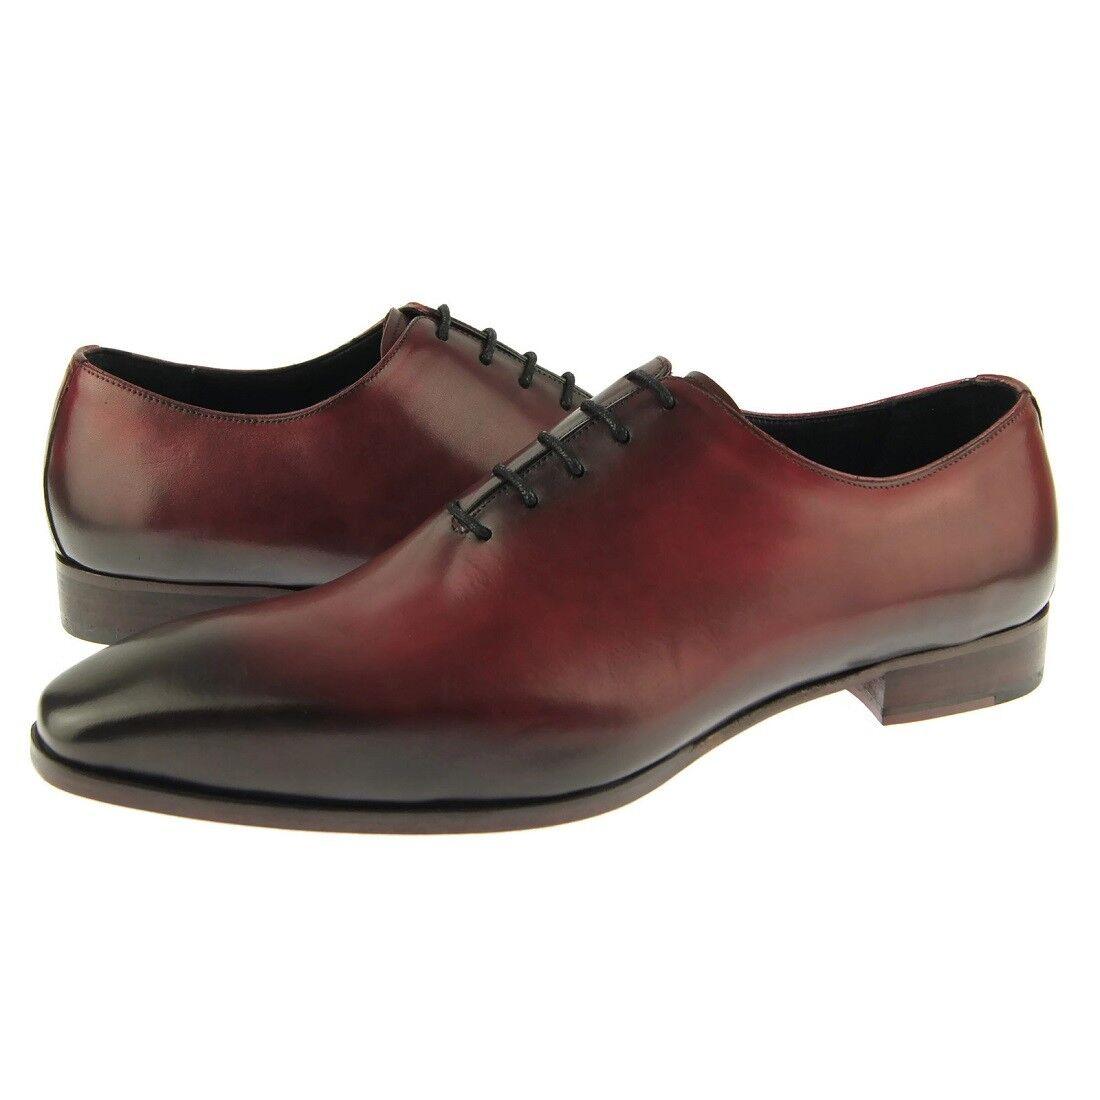 Zapatos de cuero fertini 8805-01 Llano wholecut Oxford, para hombres de vestir, Borgoña